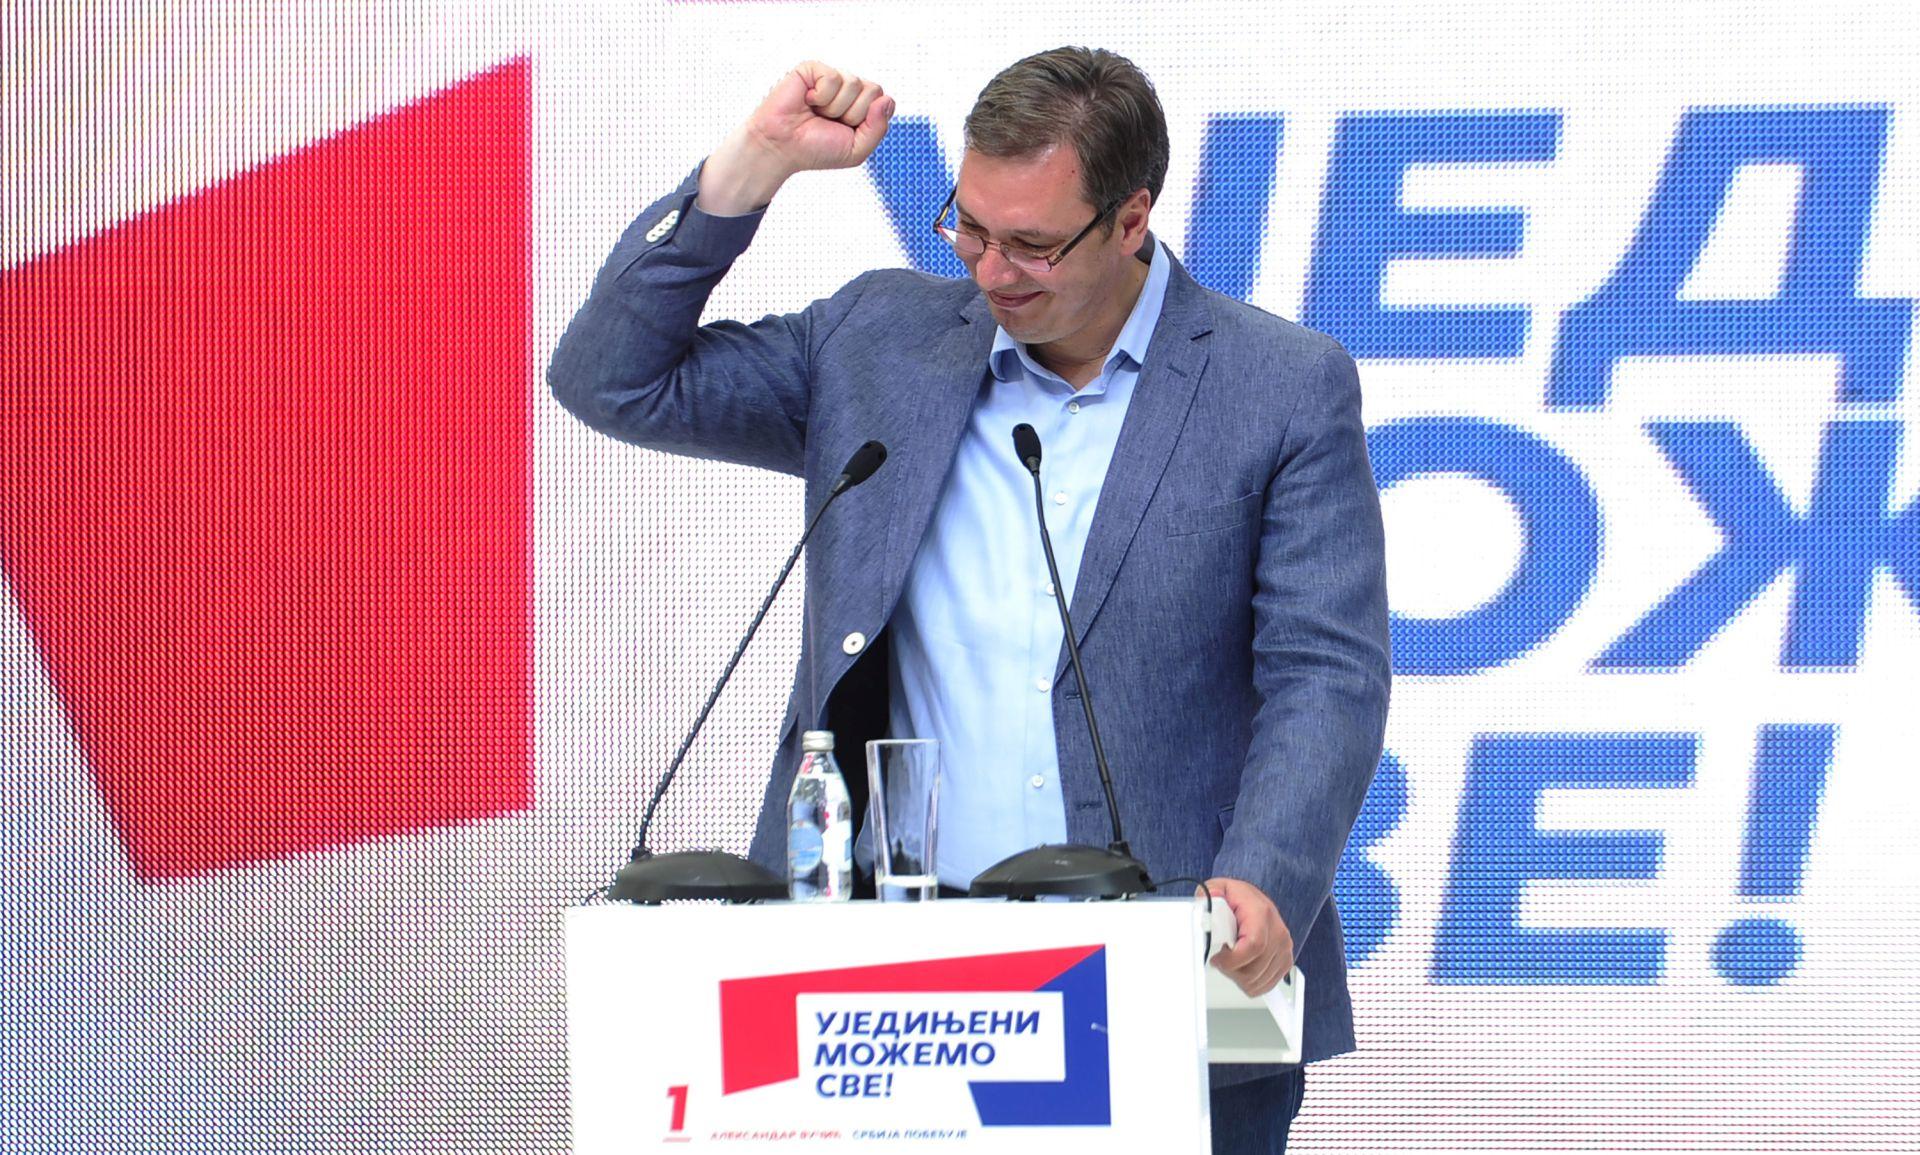 Izvjesna pobjeda Vučićevih naprednjaka: Neizvjesno tko će iz oporbe u parlament